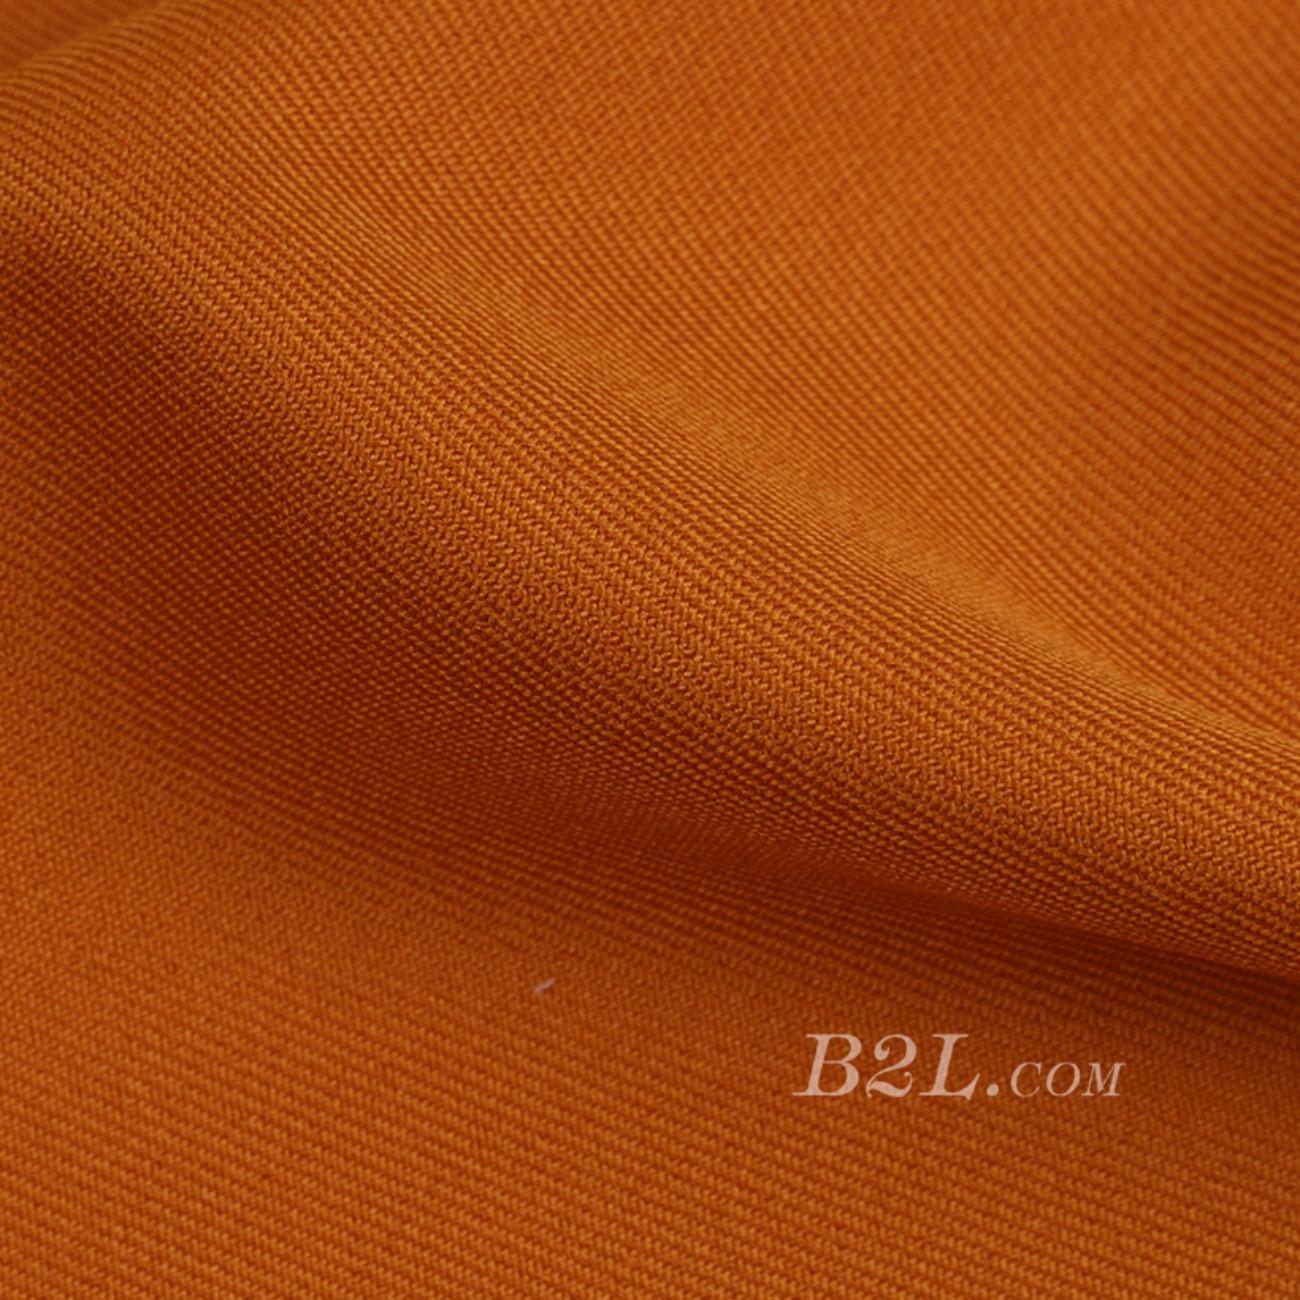 麻料 斜纹梭织素色染色连衣裙 短裙 衬衫 低弹 春 秋 柔软 70703-5